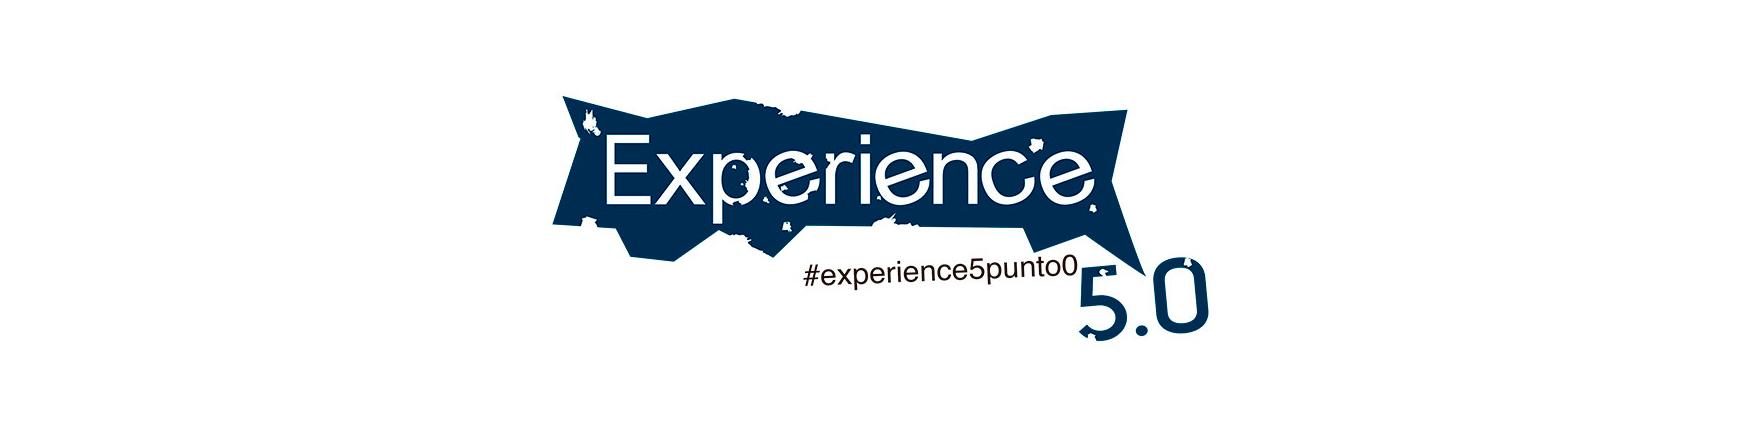 experience 5 0 2018 bg seccion